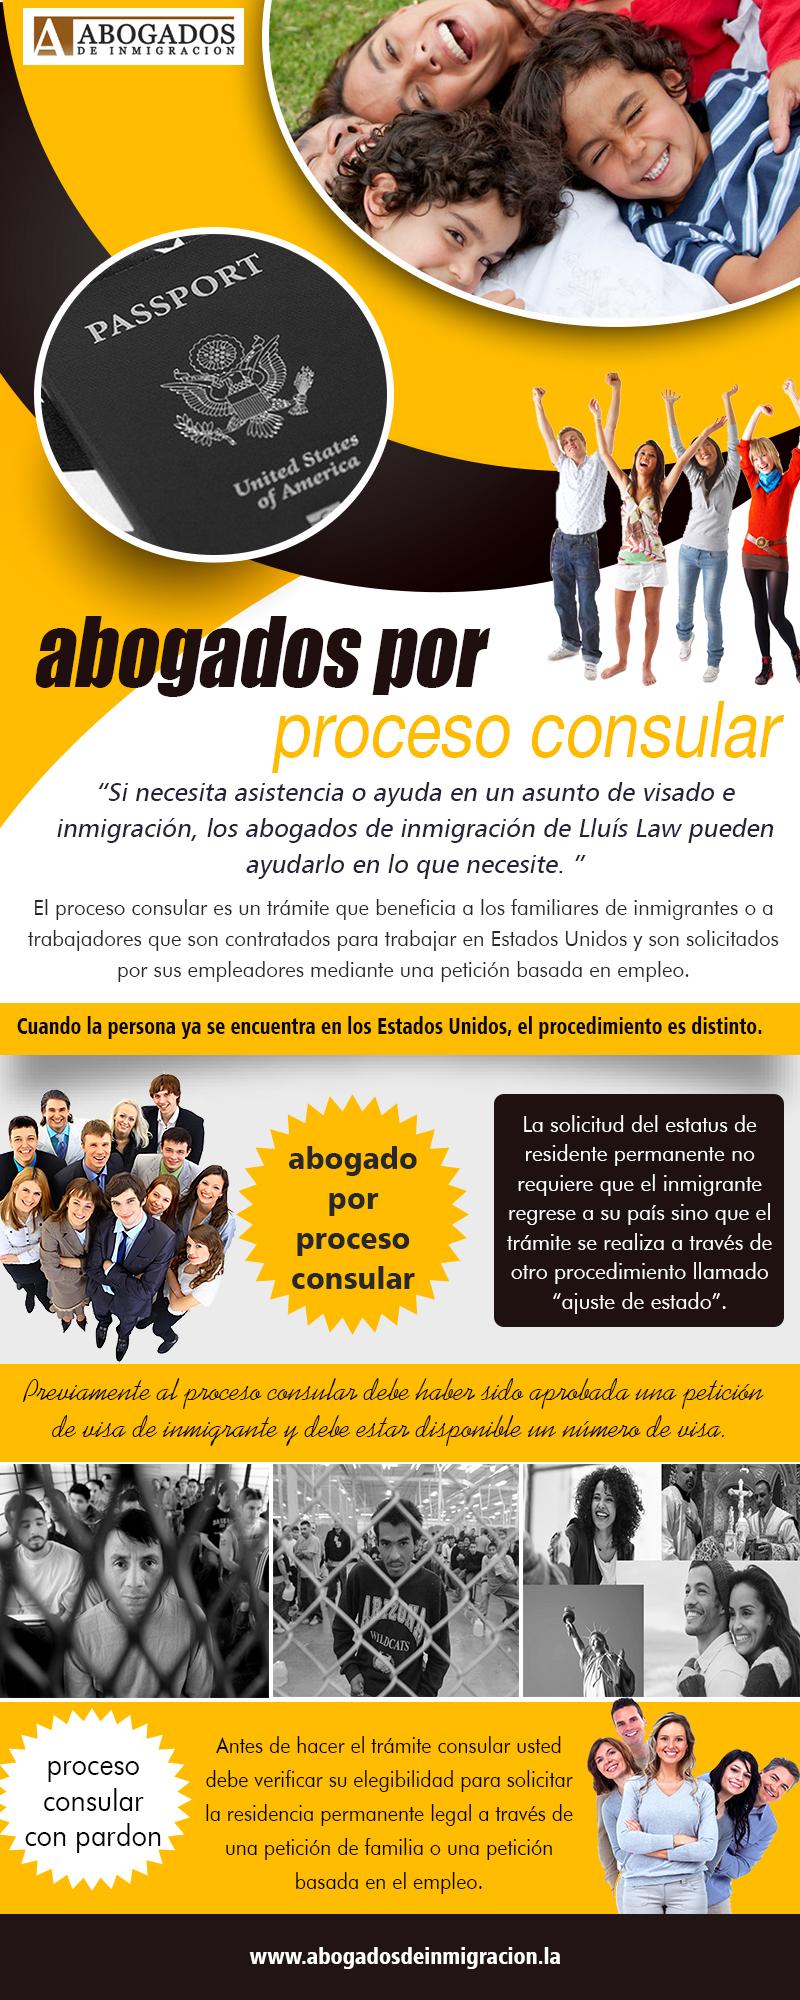 Abogados por proceso consular